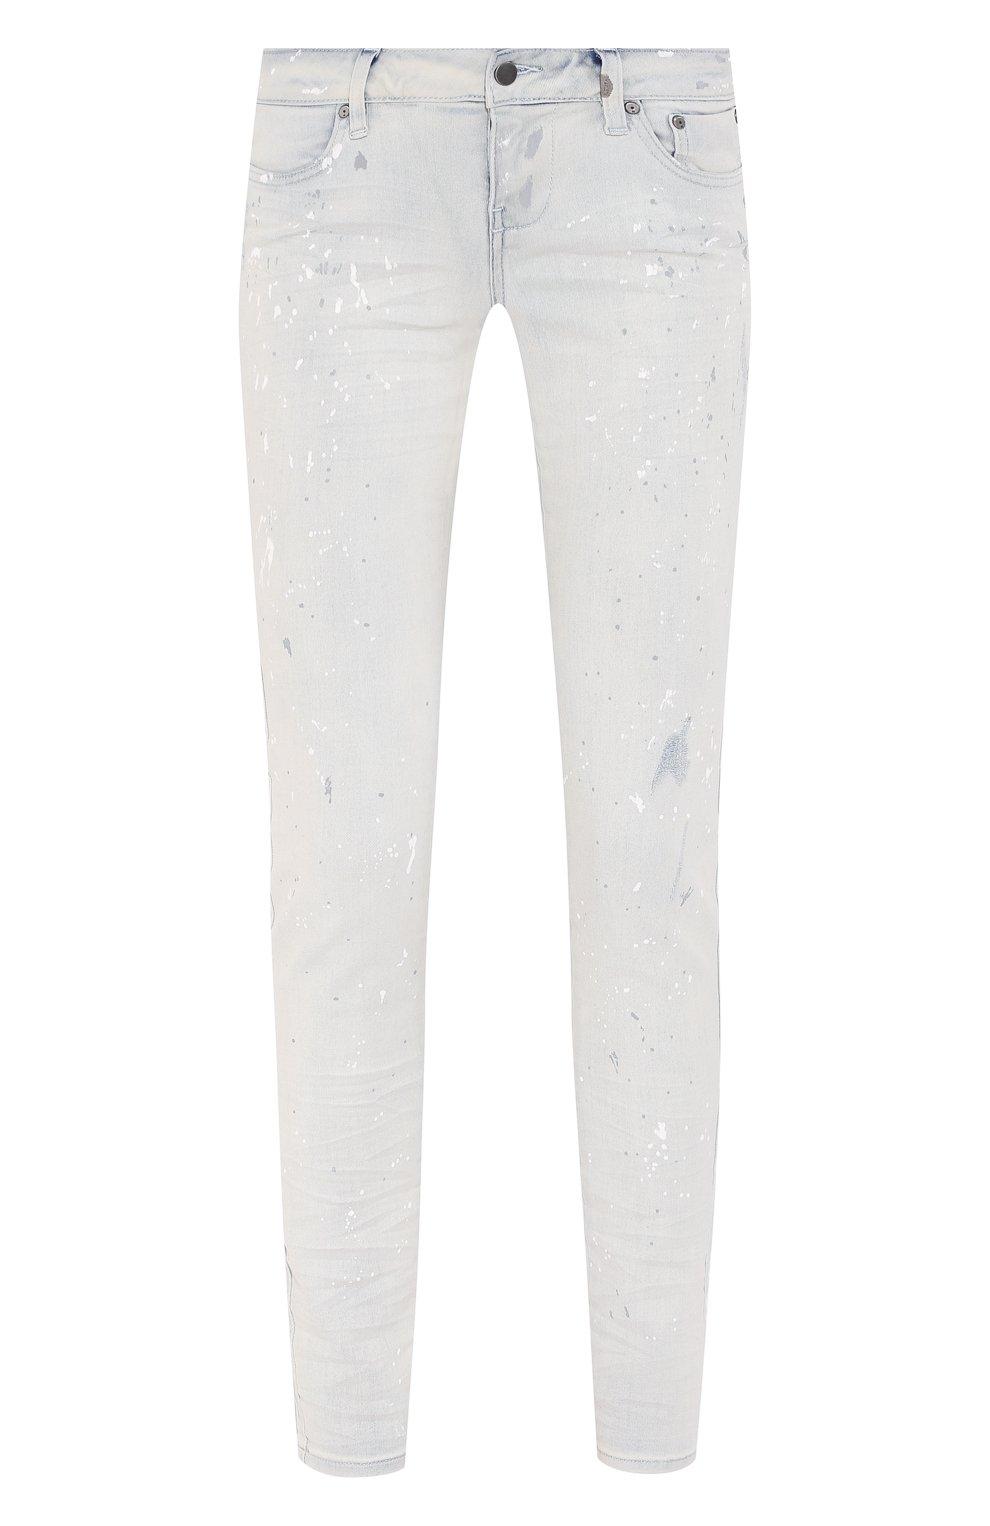 Женские джинсы black label HARLEY-DAVIDSON белого цвета, арт. 96375-16VW | Фото 1